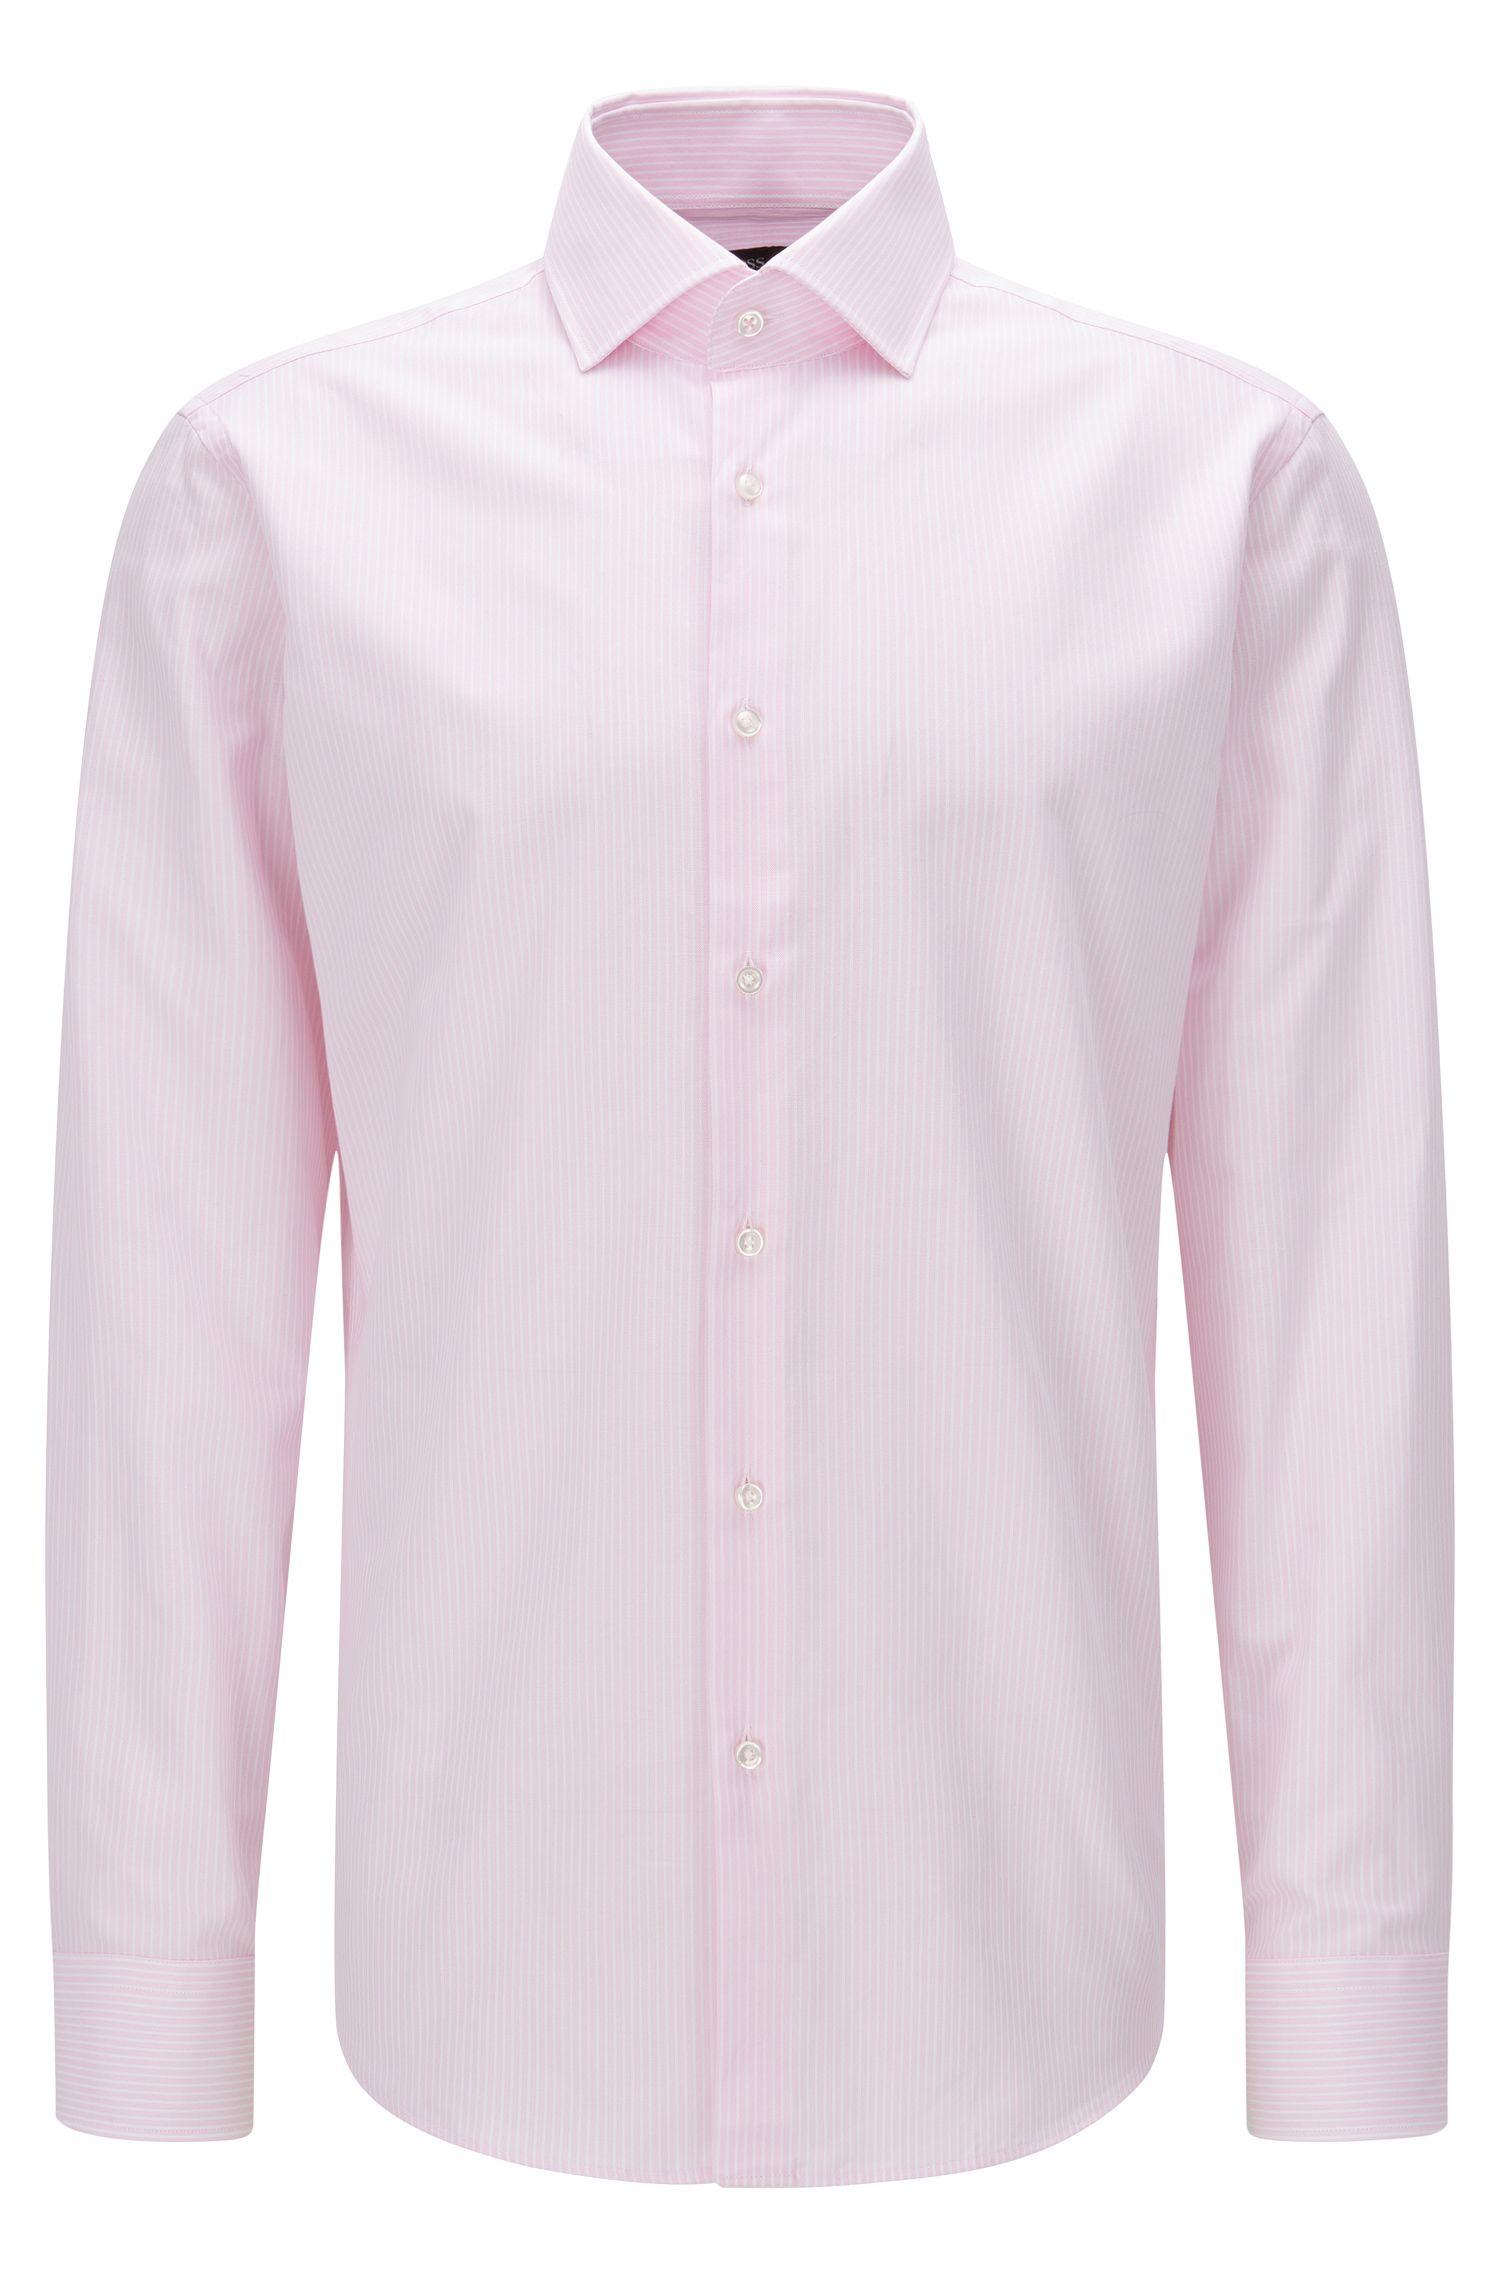 Striped Oxford Cotton Dress Shirt, Regular Fit | Gert